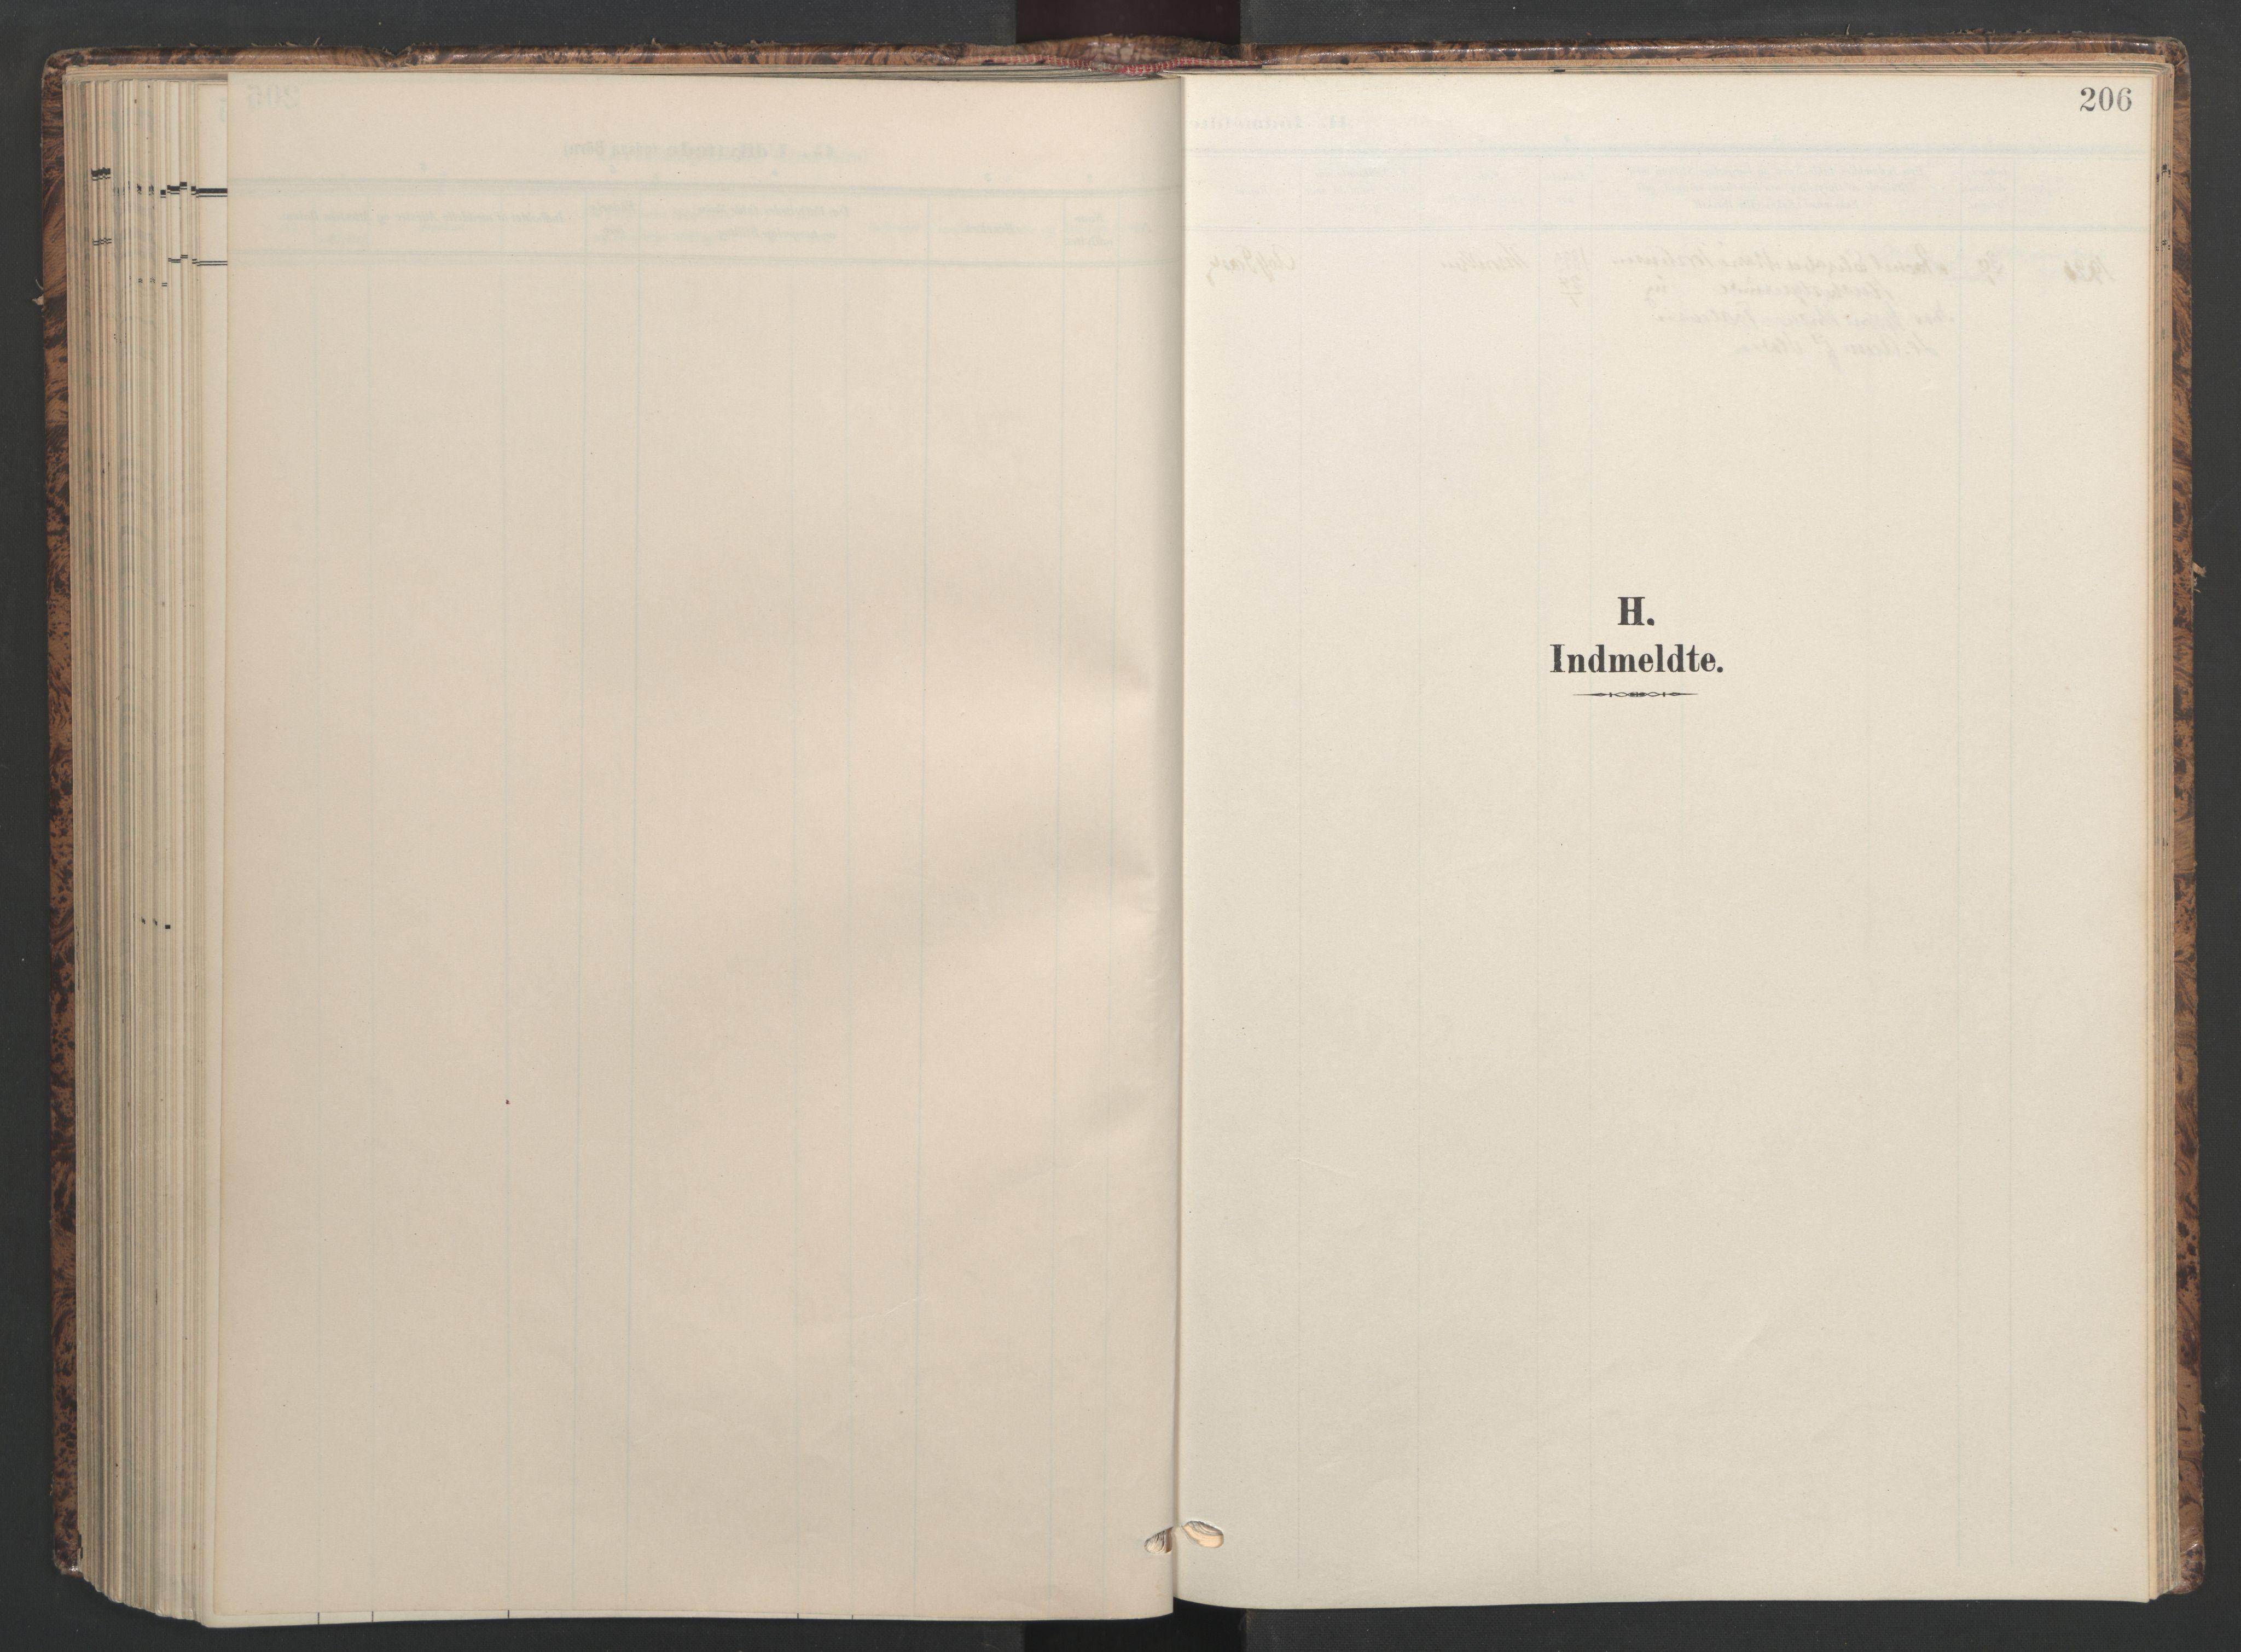 SAT, Ministerialprotokoller, klokkerbøker og fødselsregistre - Sør-Trøndelag, 655/L0682: Ministerialbok nr. 655A11, 1908-1922, s. 206